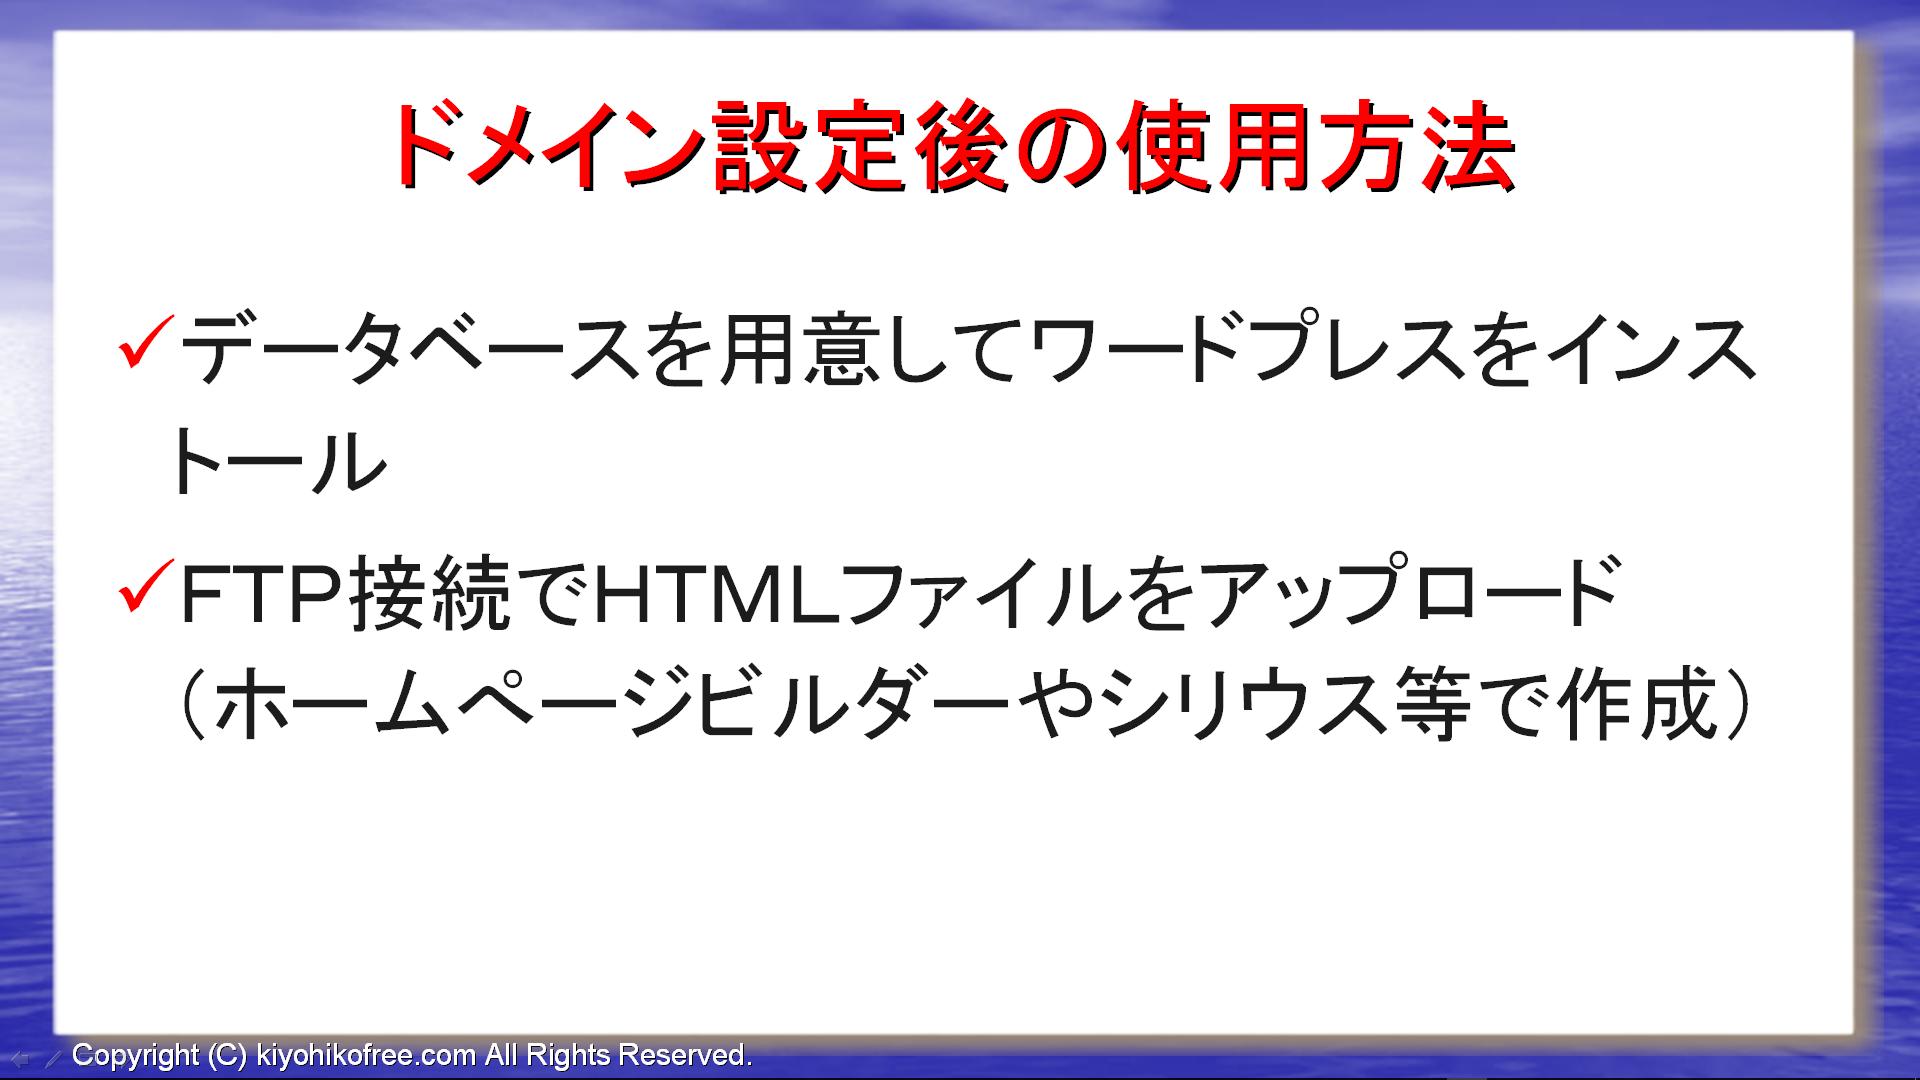 コアサーバーで他社ドメインを使うバリュードメインDNS設定方法7